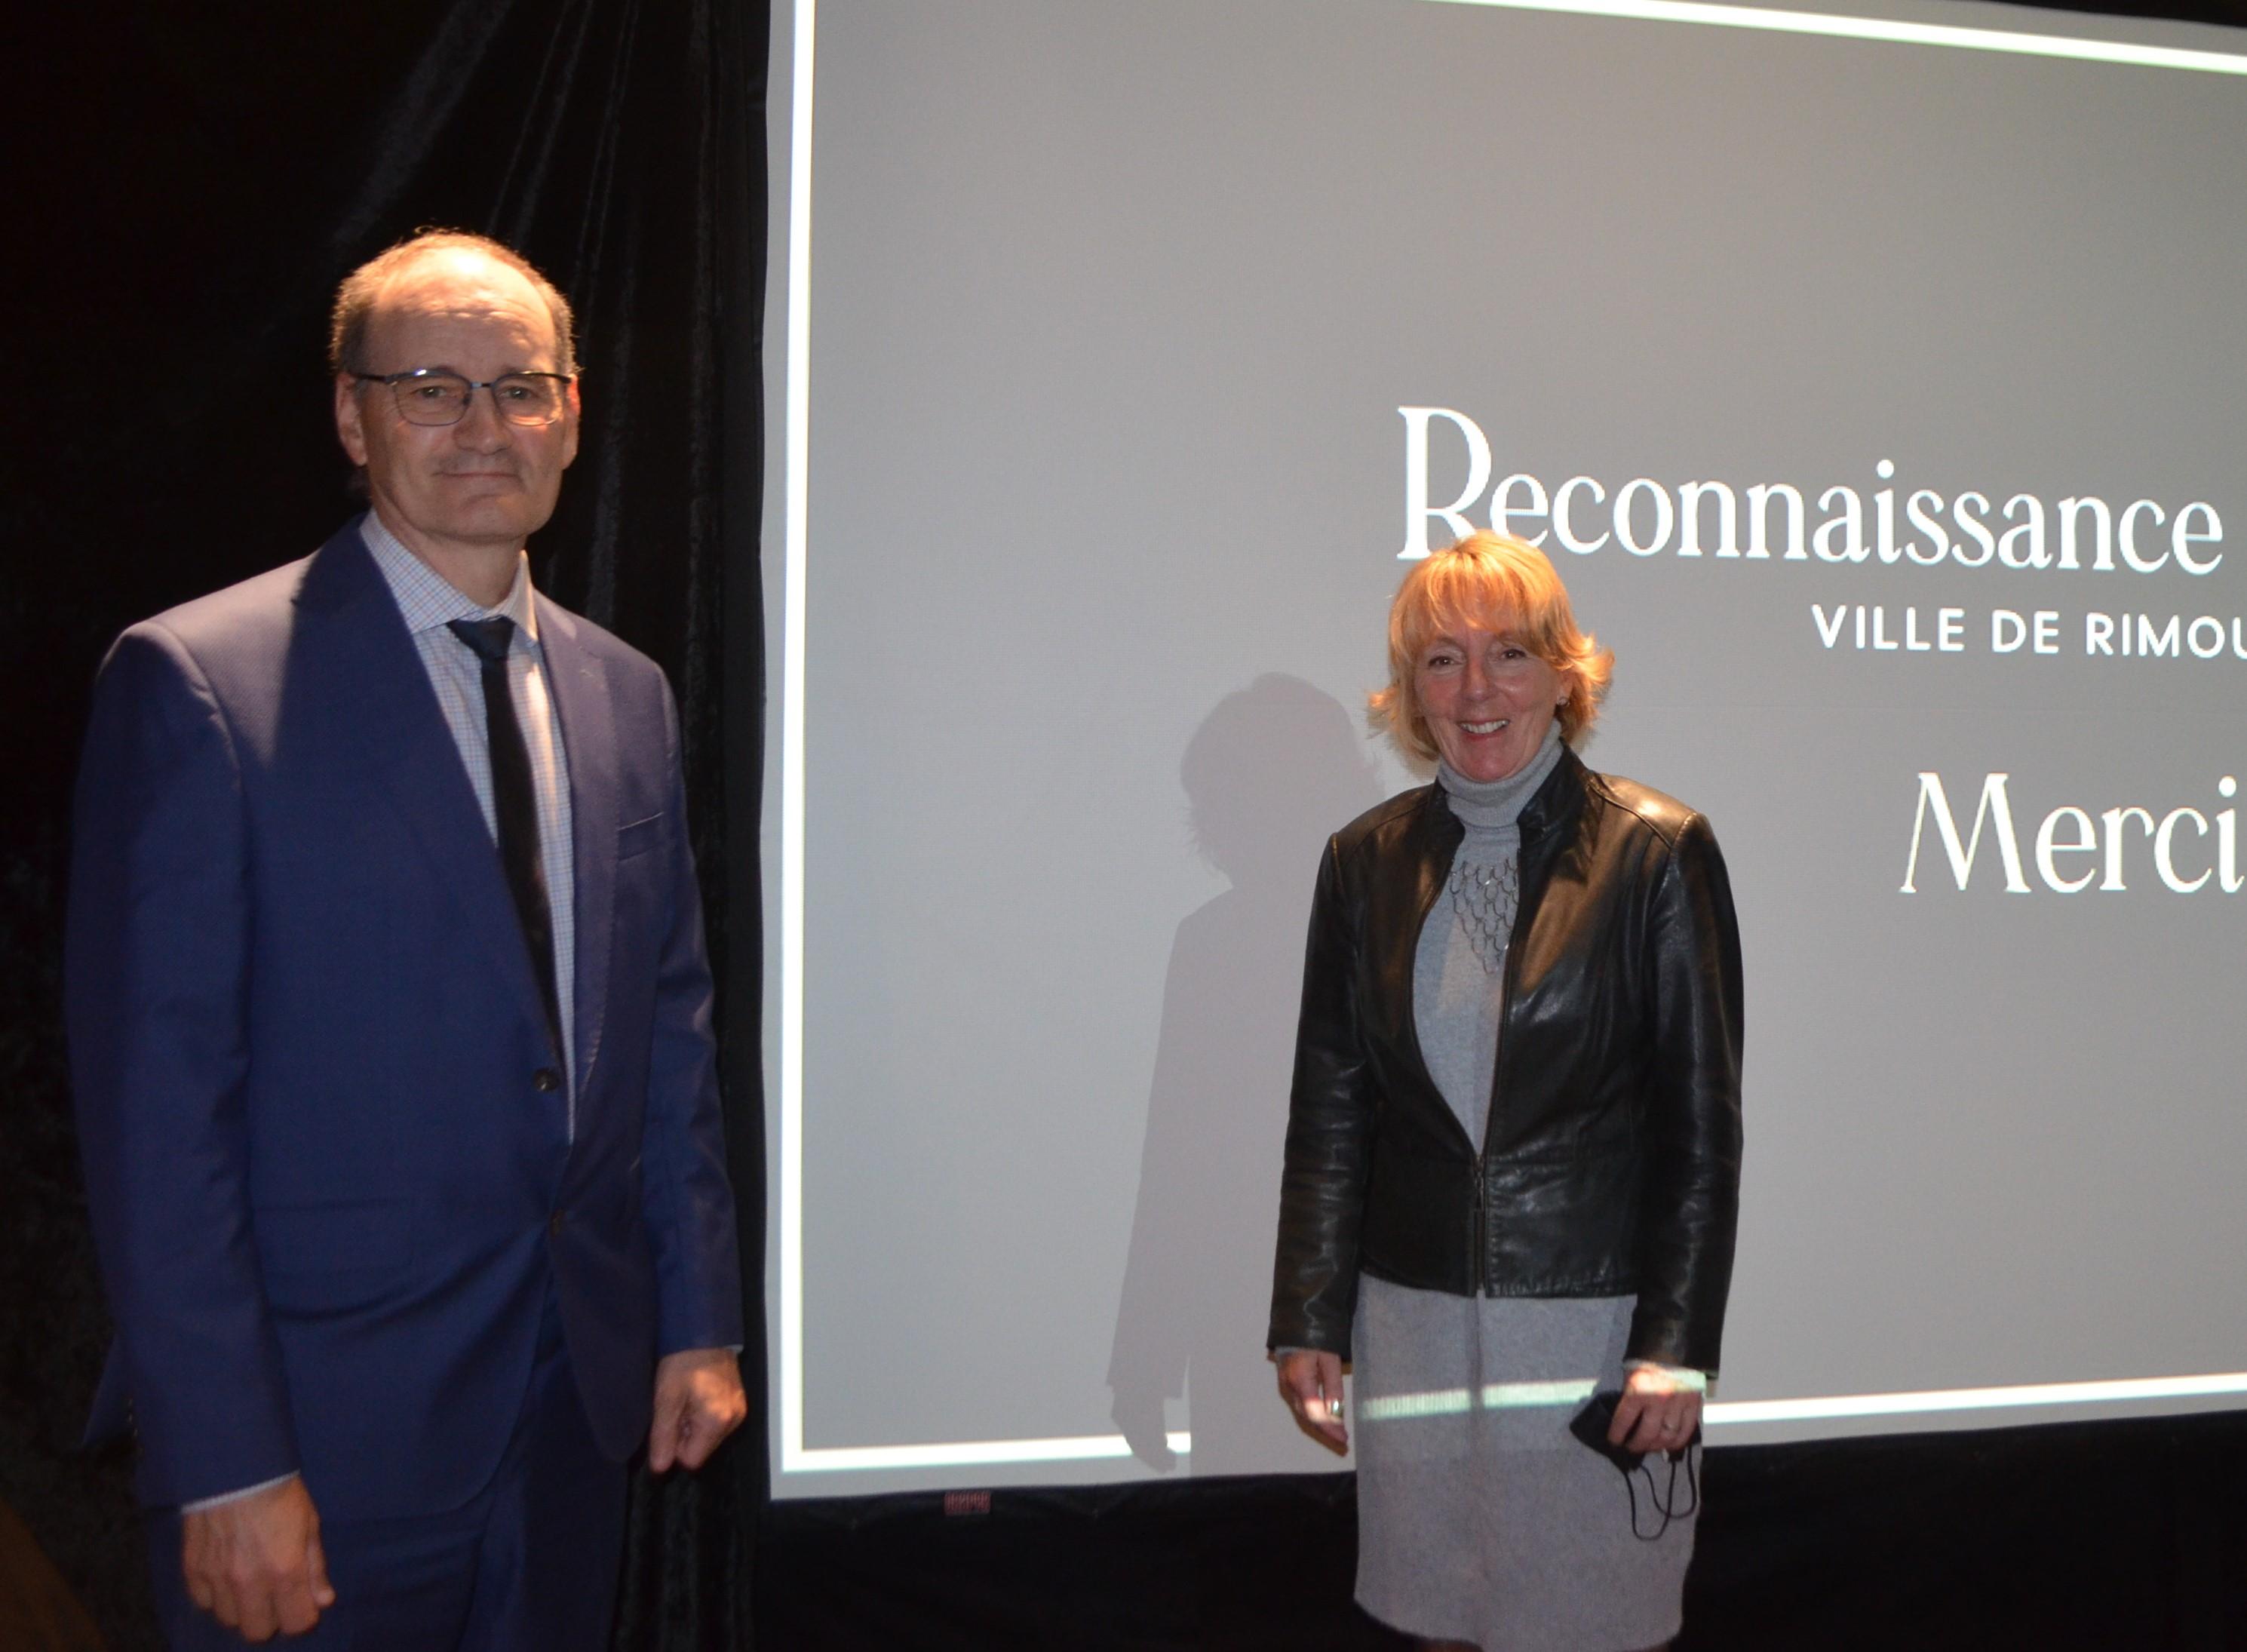 Les deux co-porte-paroles du comité d'analyse et de recommandation de candidatures de cette cérémonie, Jean-Pierre Ouellet et Nicole Poirier.